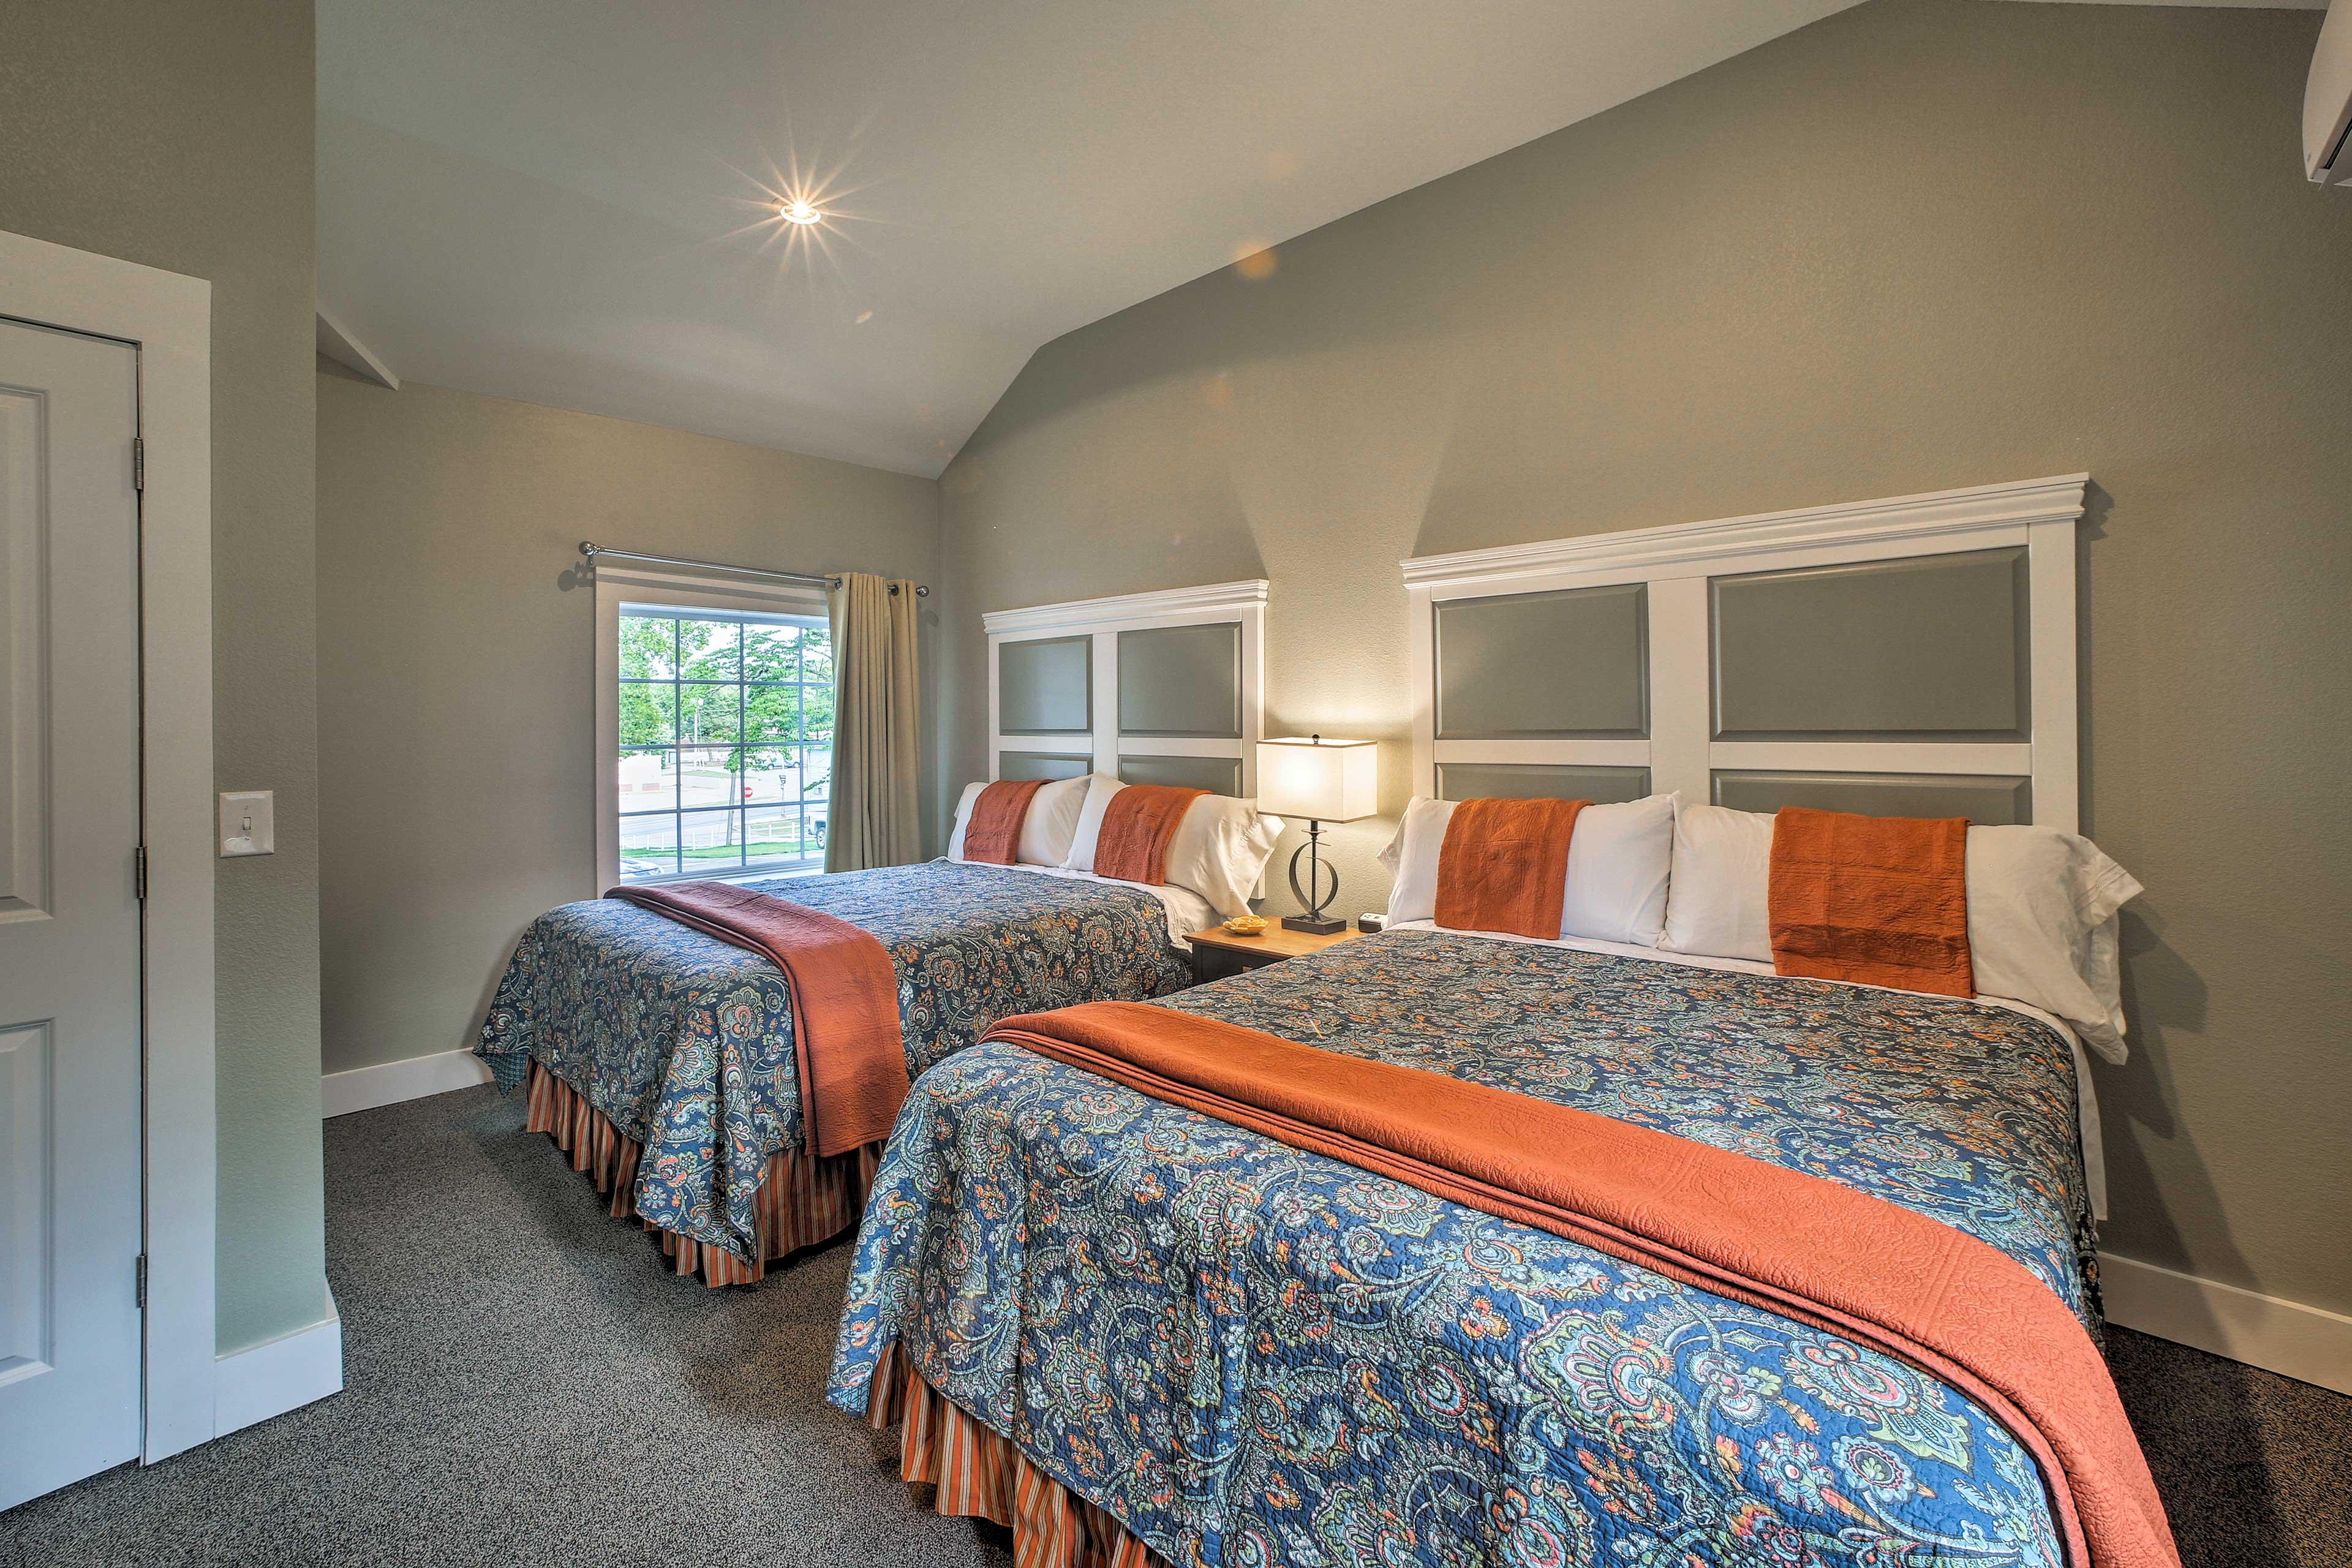 The bedroom houses 2 queen beds.